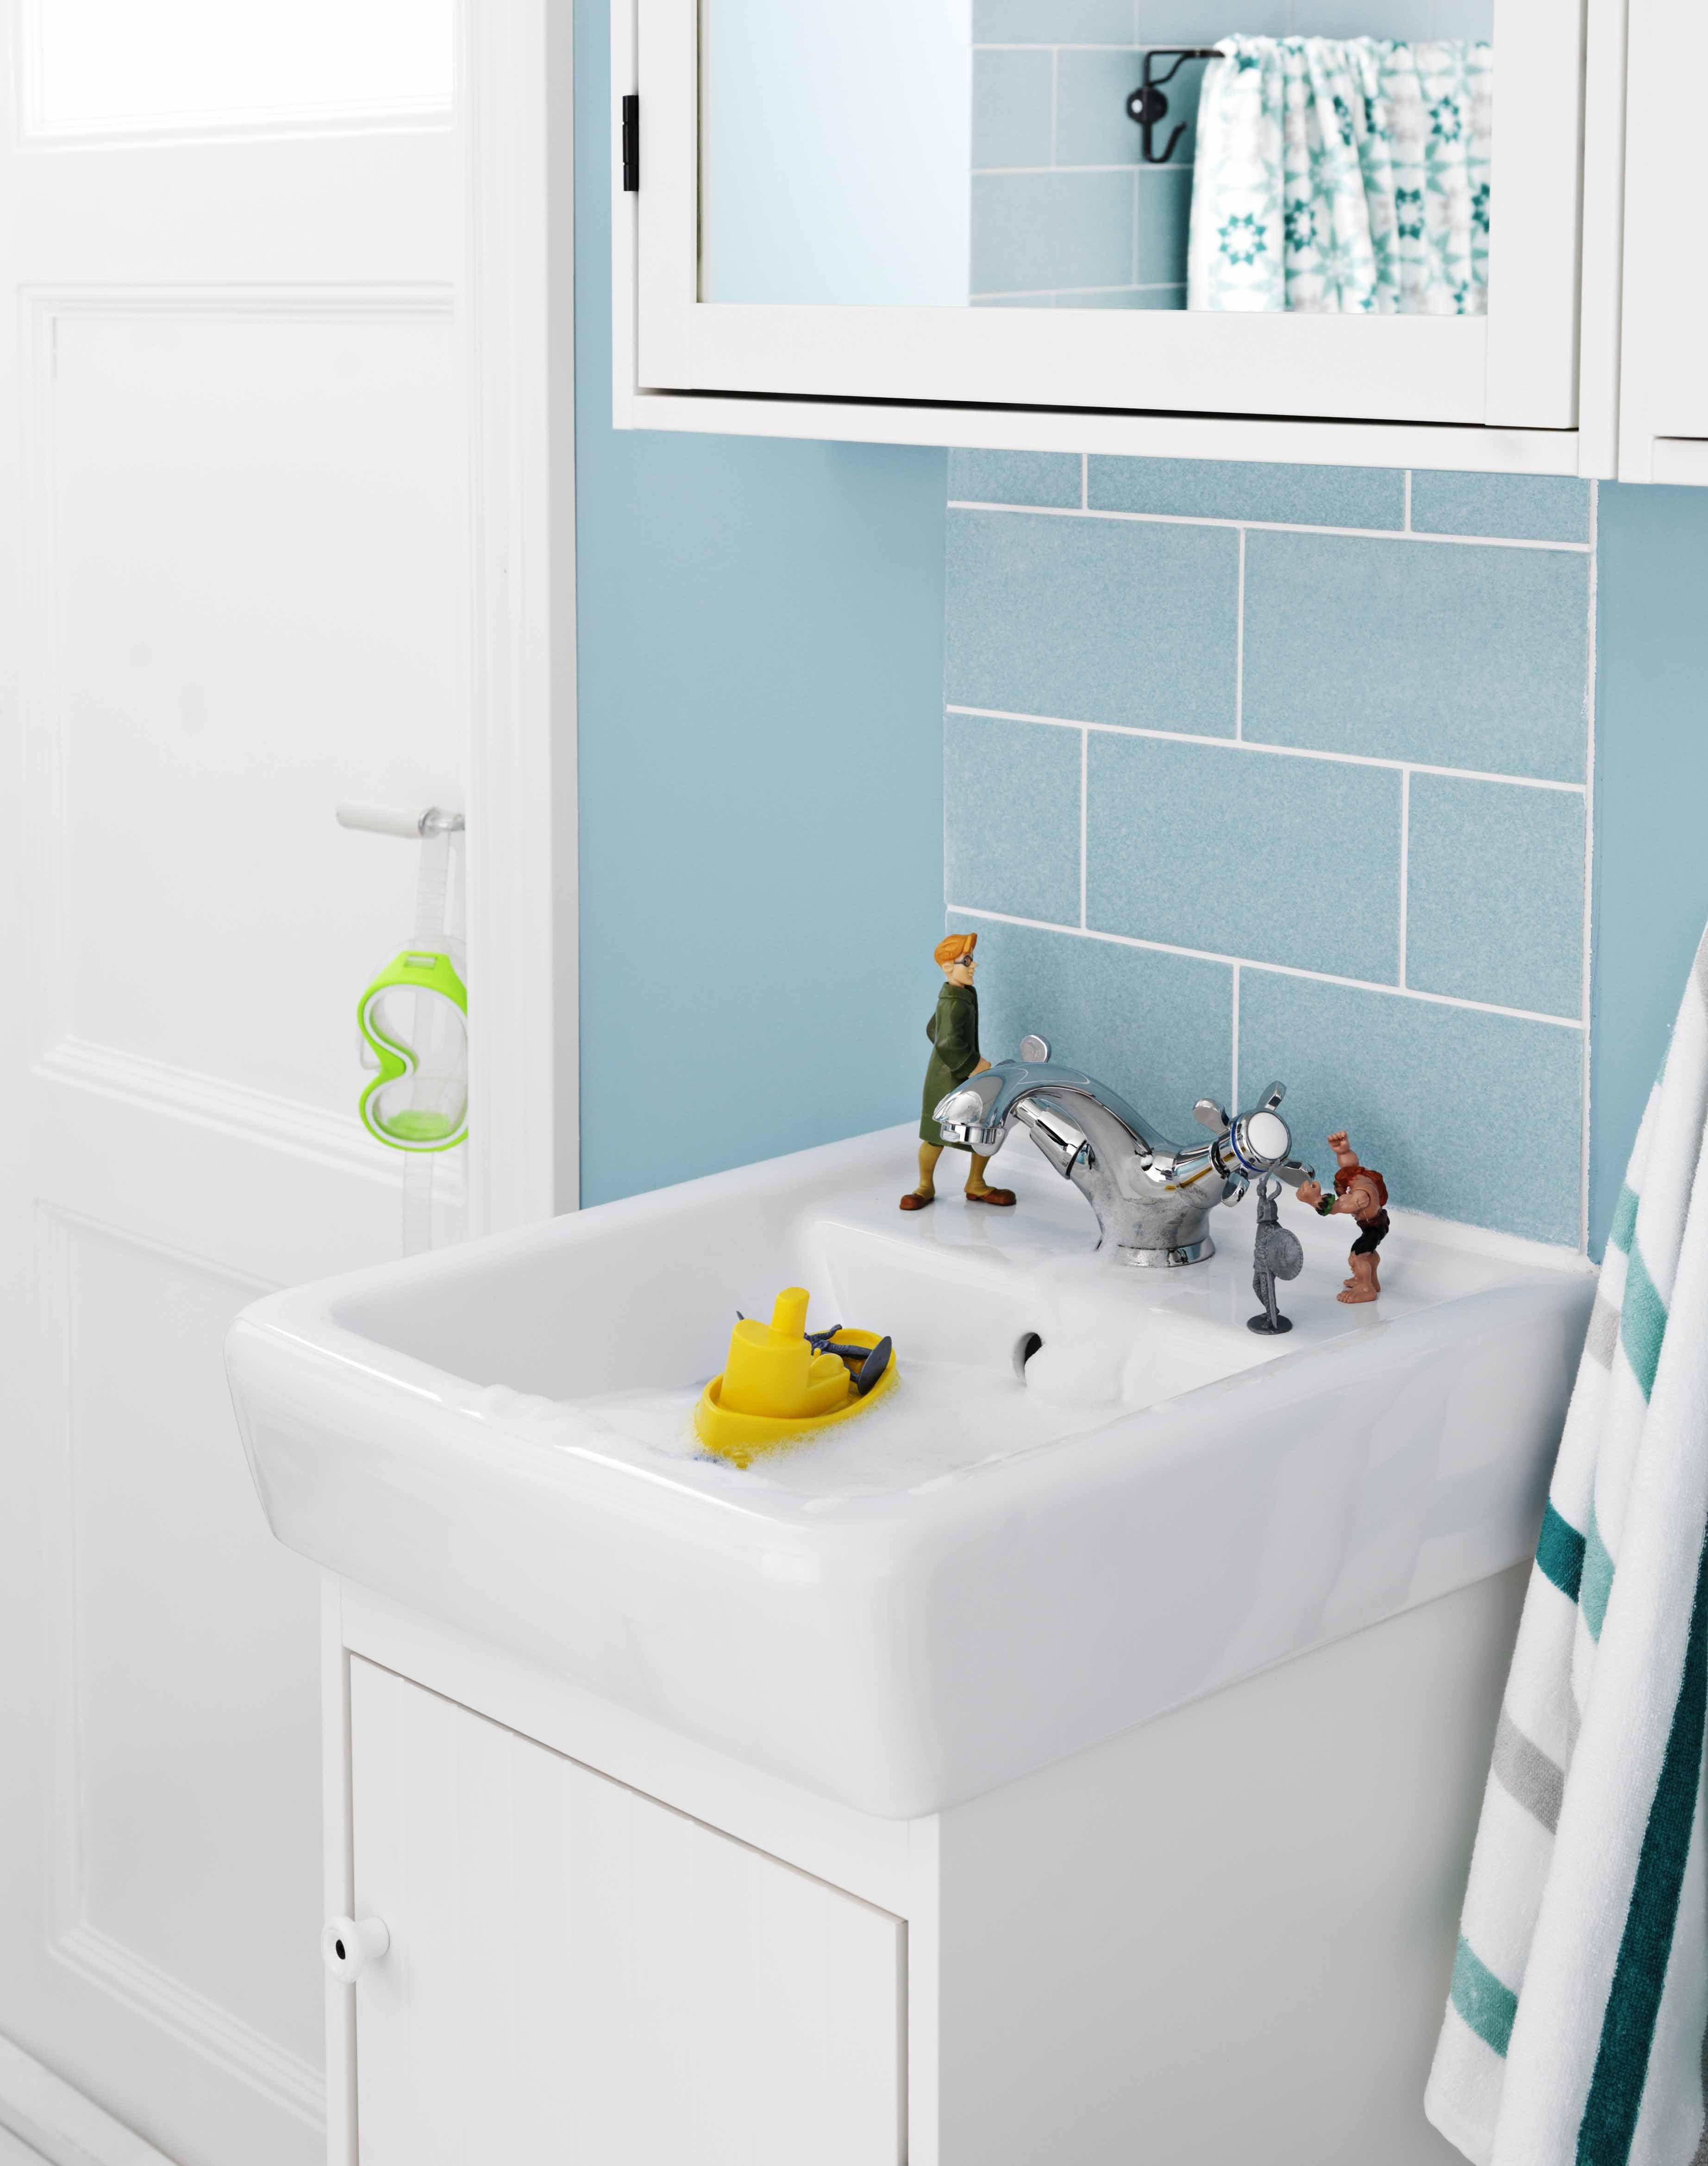 monoforo e con troppo pieno il lavabo hamnviken di ikea italia retail in porcellana bianca